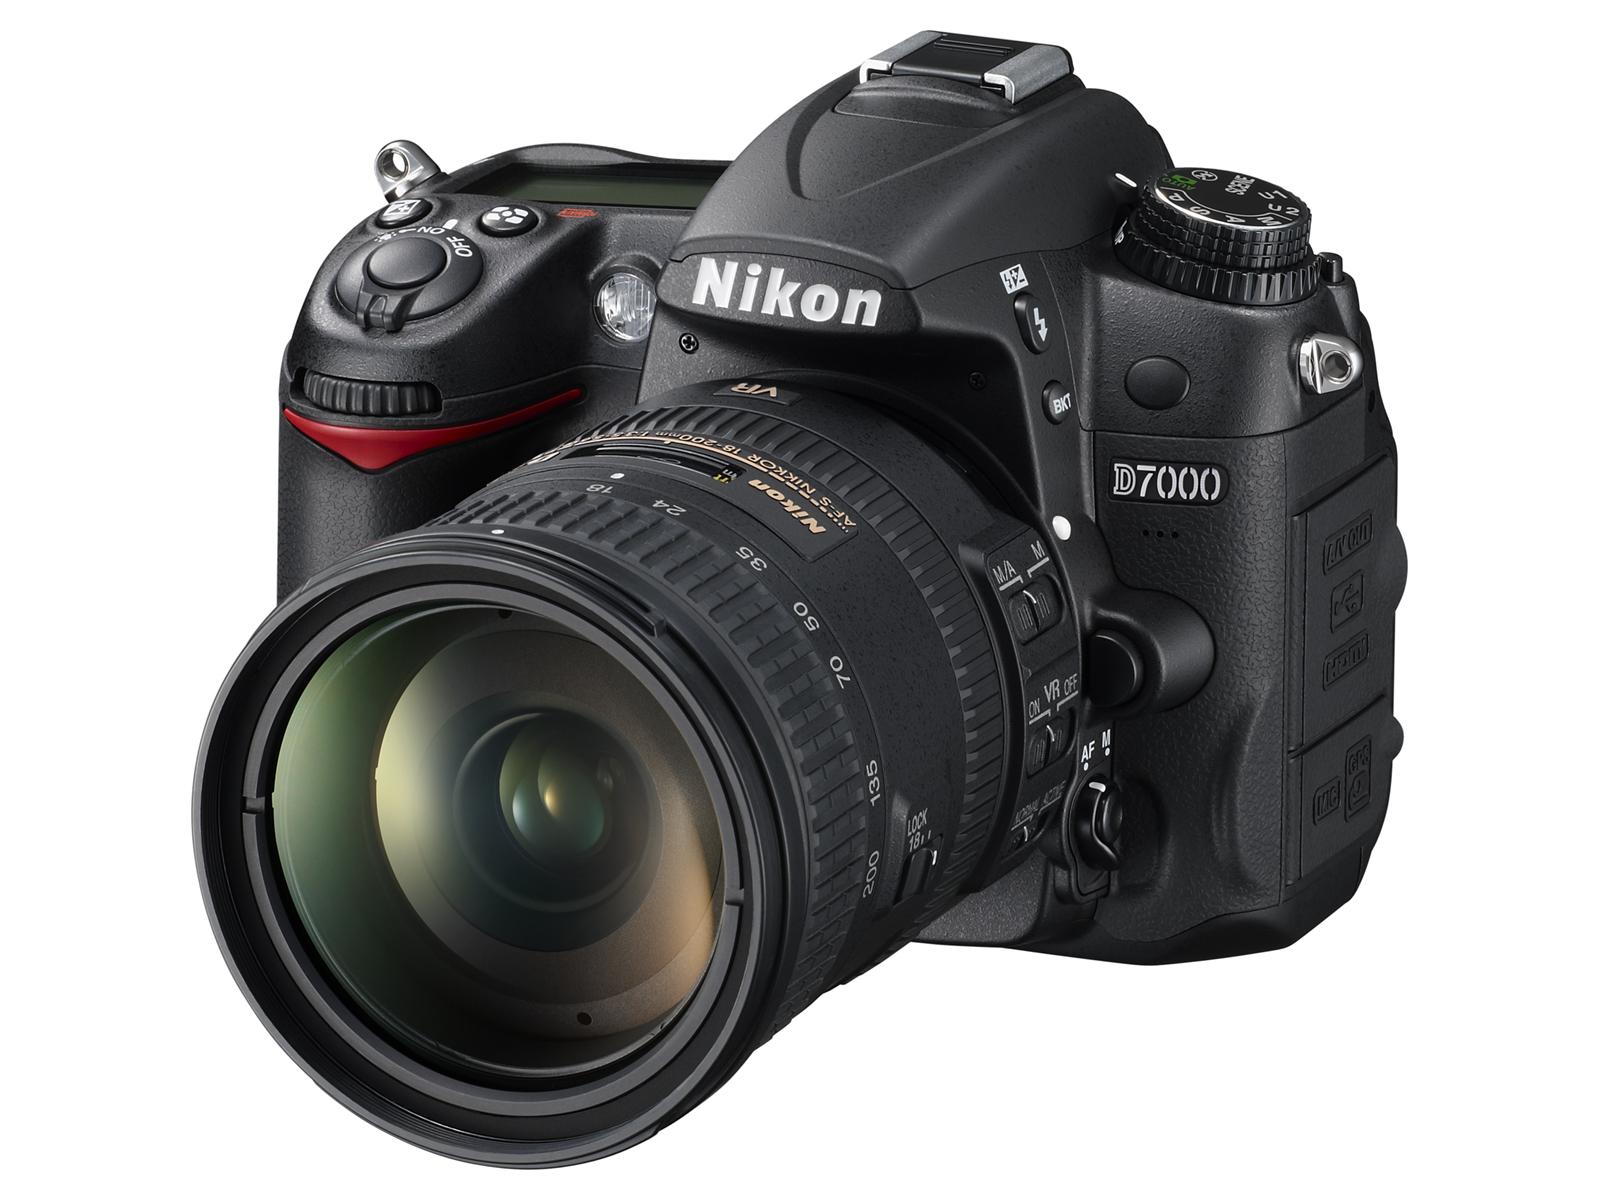 Nikon D7000 - 12